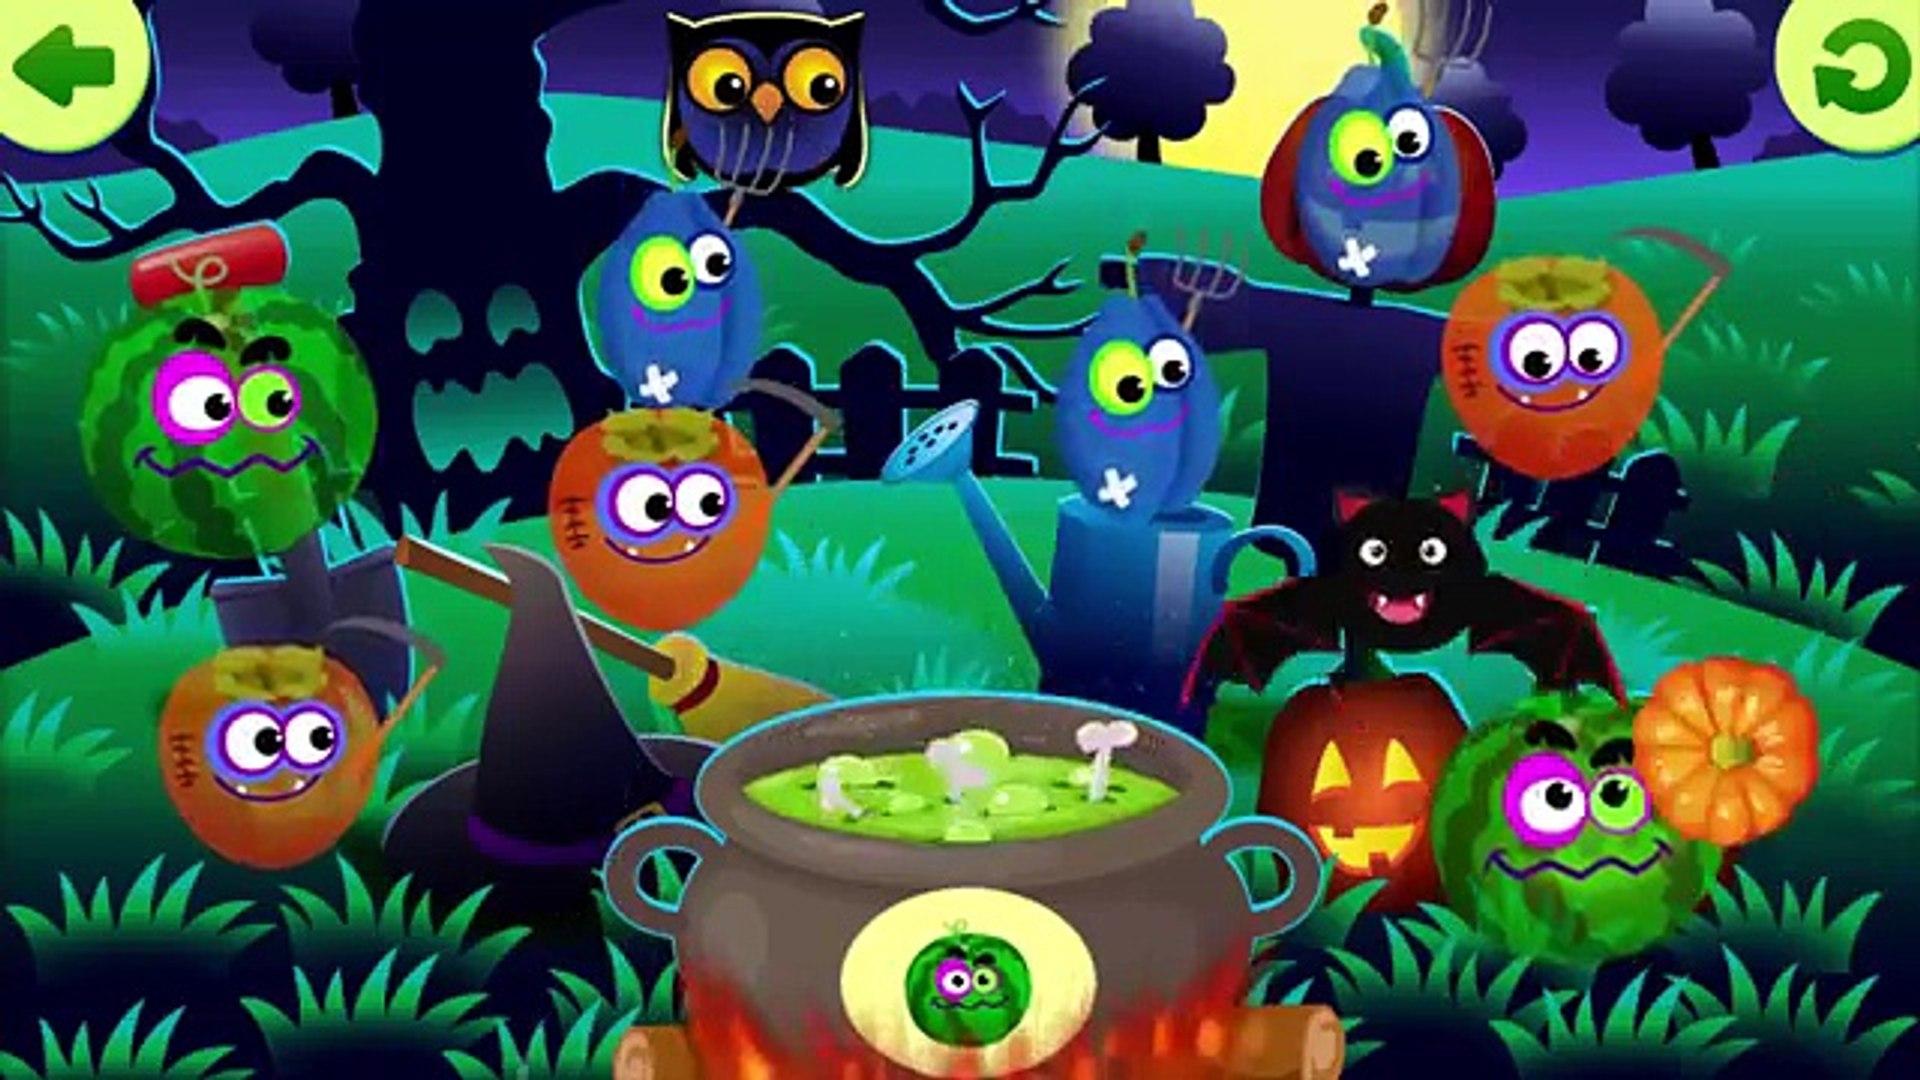 И программы Детка ребенок Ф.О. Ф.О. продукты фрукты весело Веселая Хэллоуин Узнайте обучение имен из